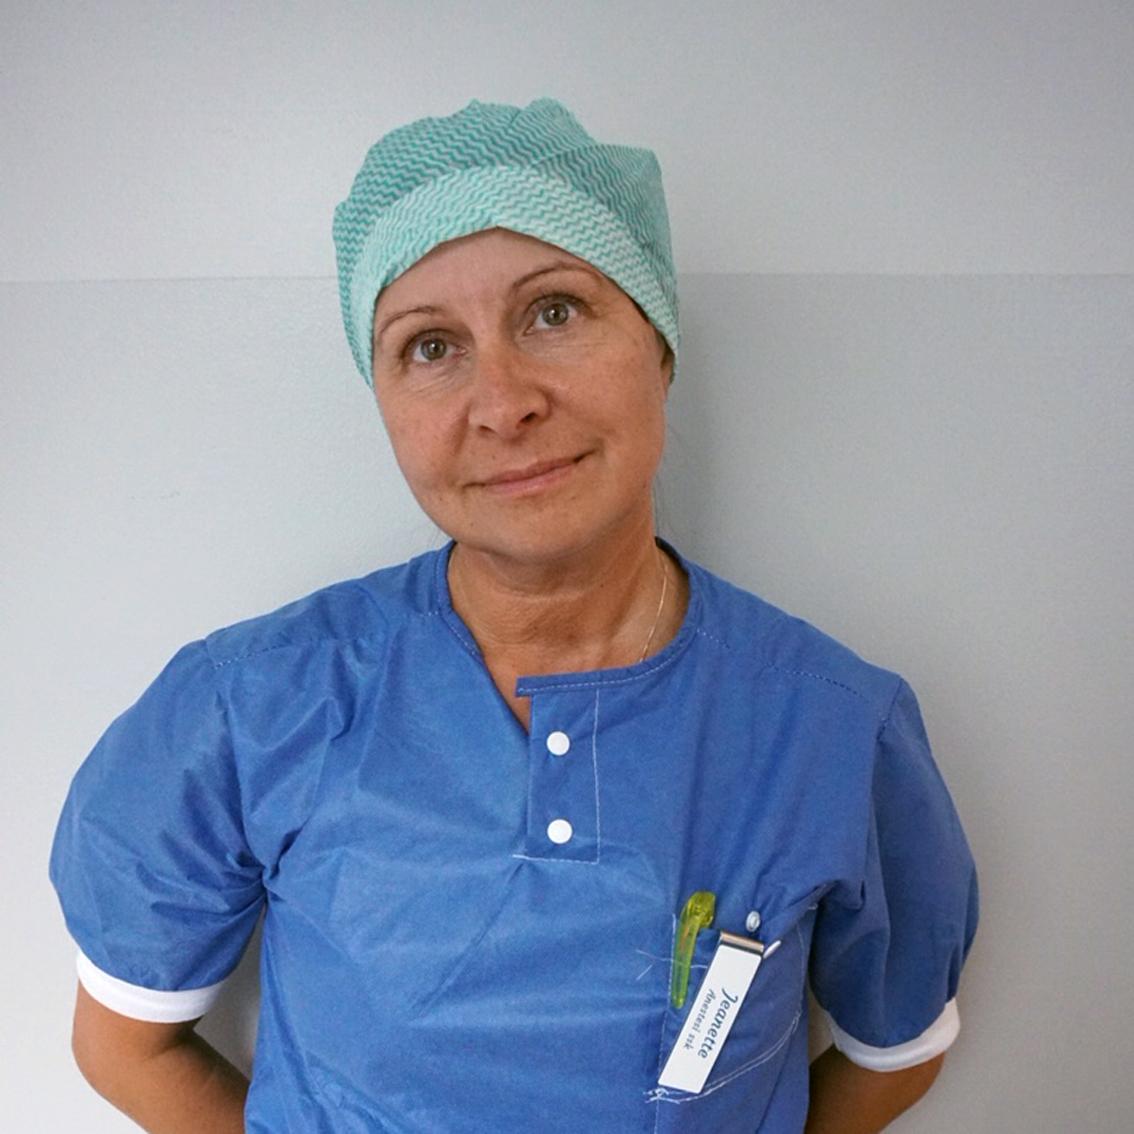 Anestesisjuksköterska